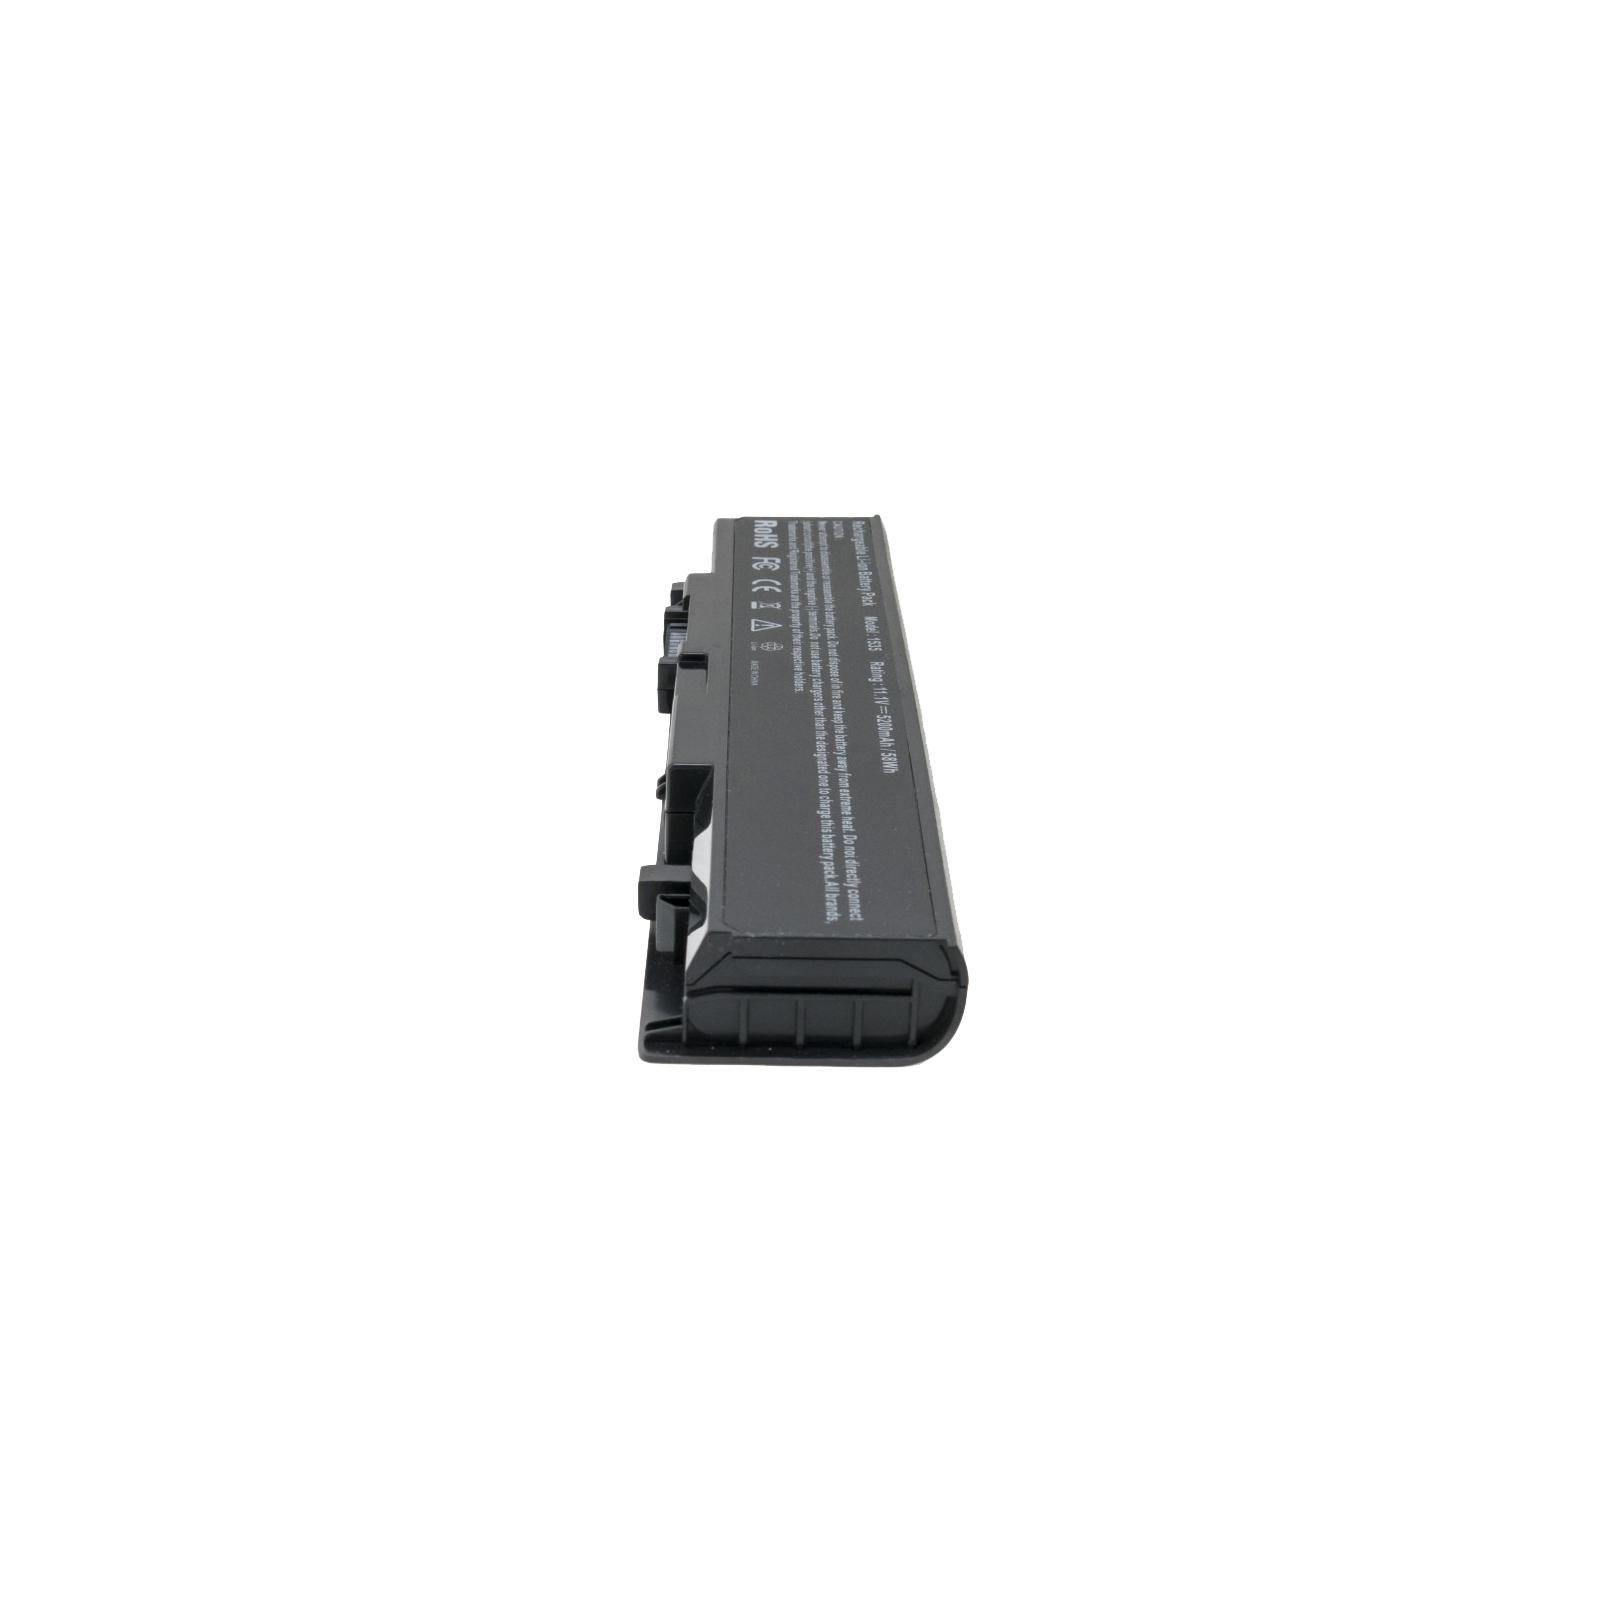 Аккумулятор для ноутбука Dell Studio 1535, 5200 mAh EXTRADIGITAL (BND3930) изображение 5